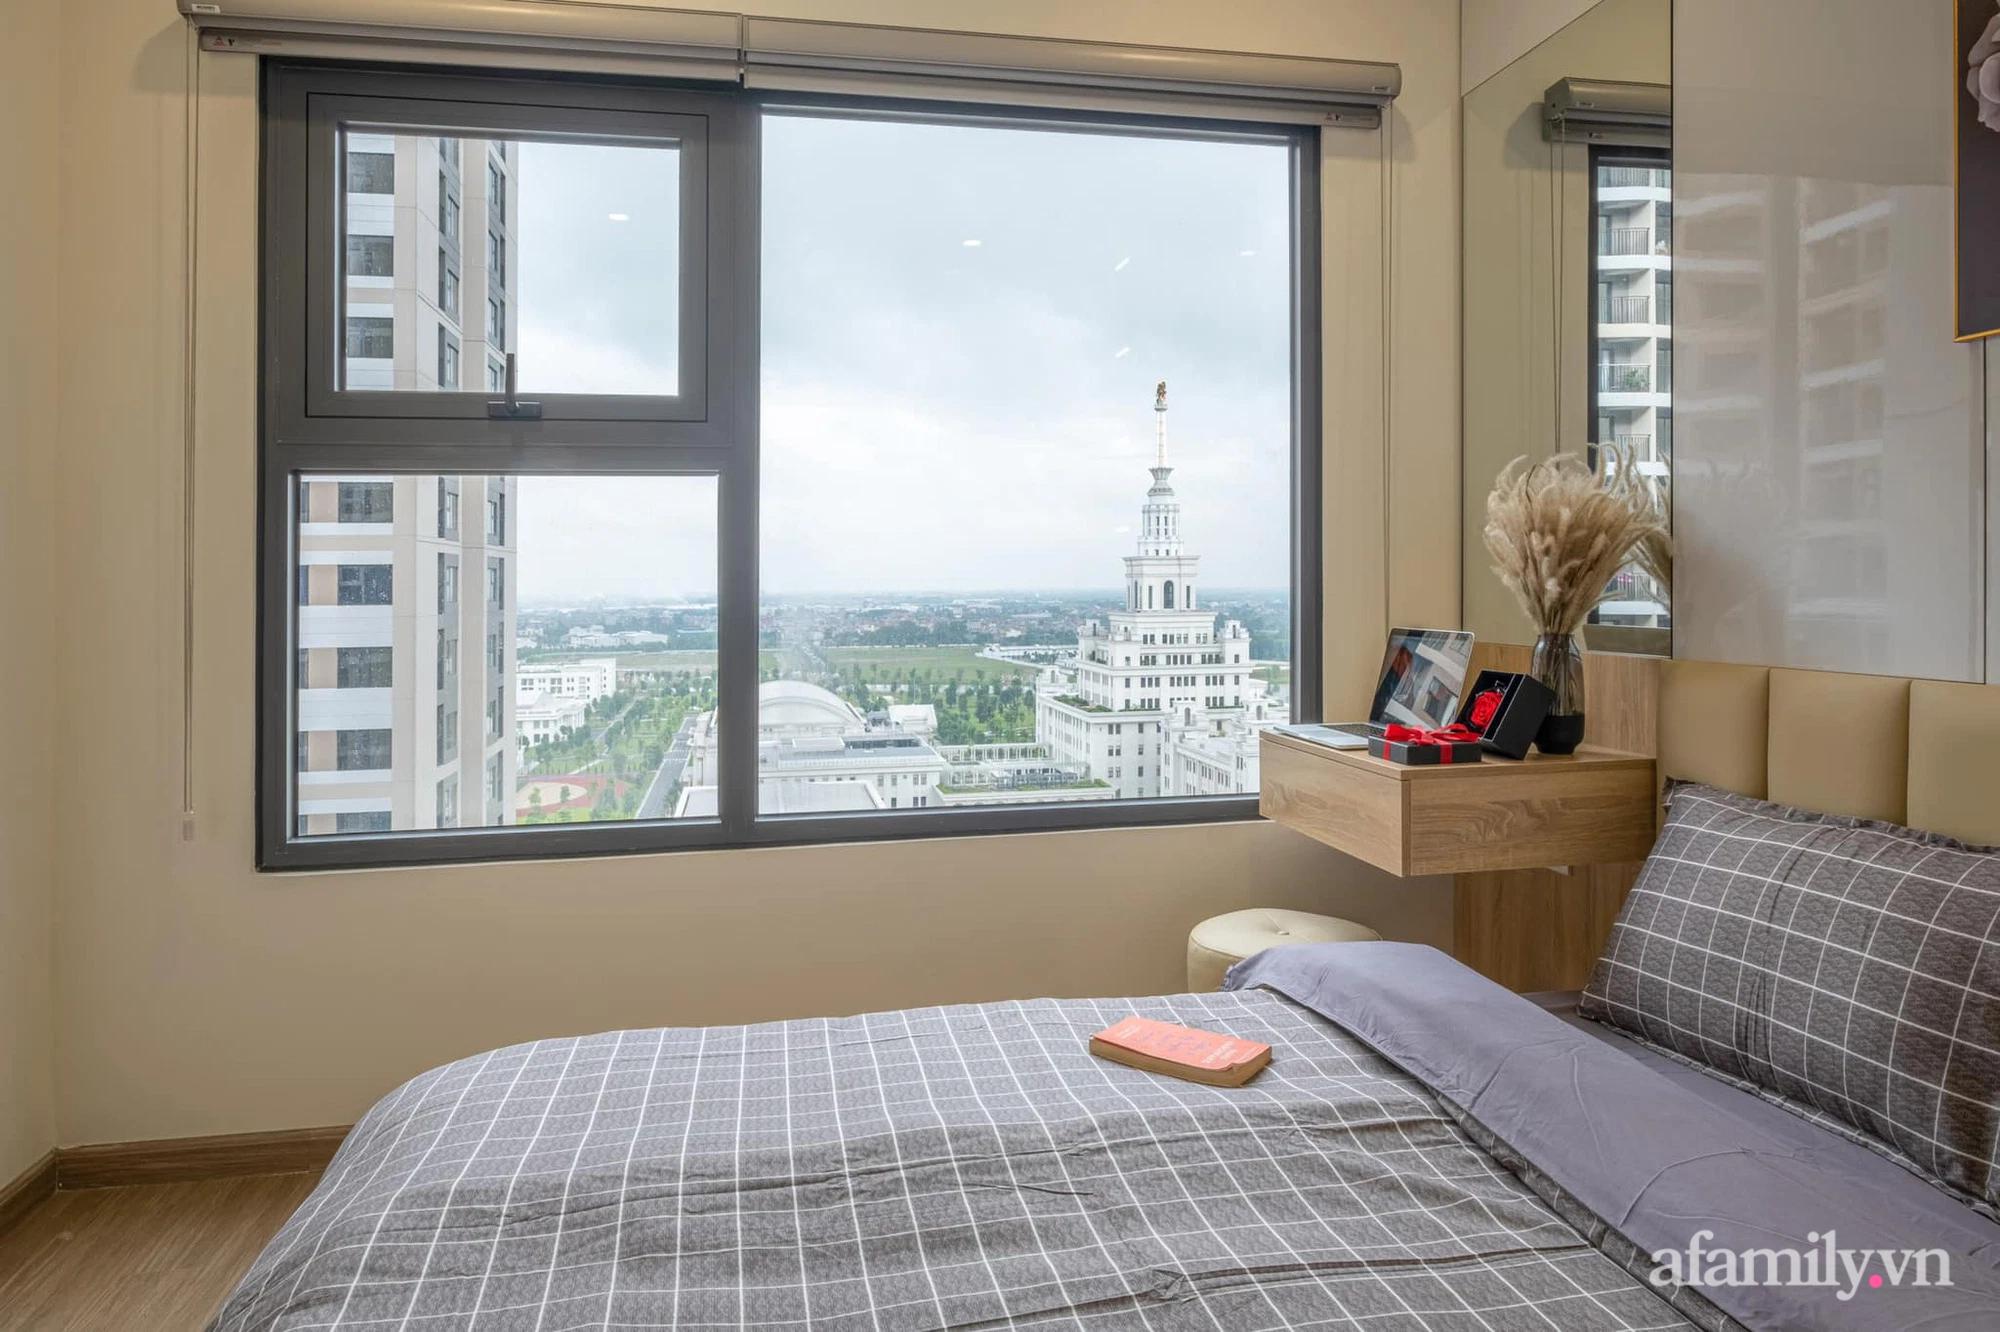 Chàng trai Hà Nội chuyển từ nhà phố 4 tầng lên ở chung cư vì lý do không phải ai cũng biết - Ảnh 10.